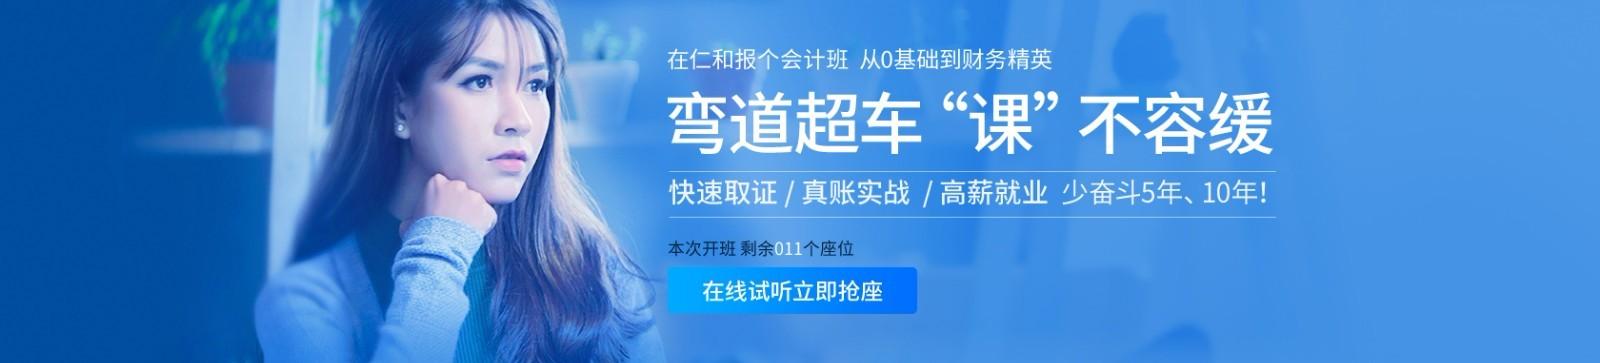 景德镇仁和会计betway体育app学校 横幅广告